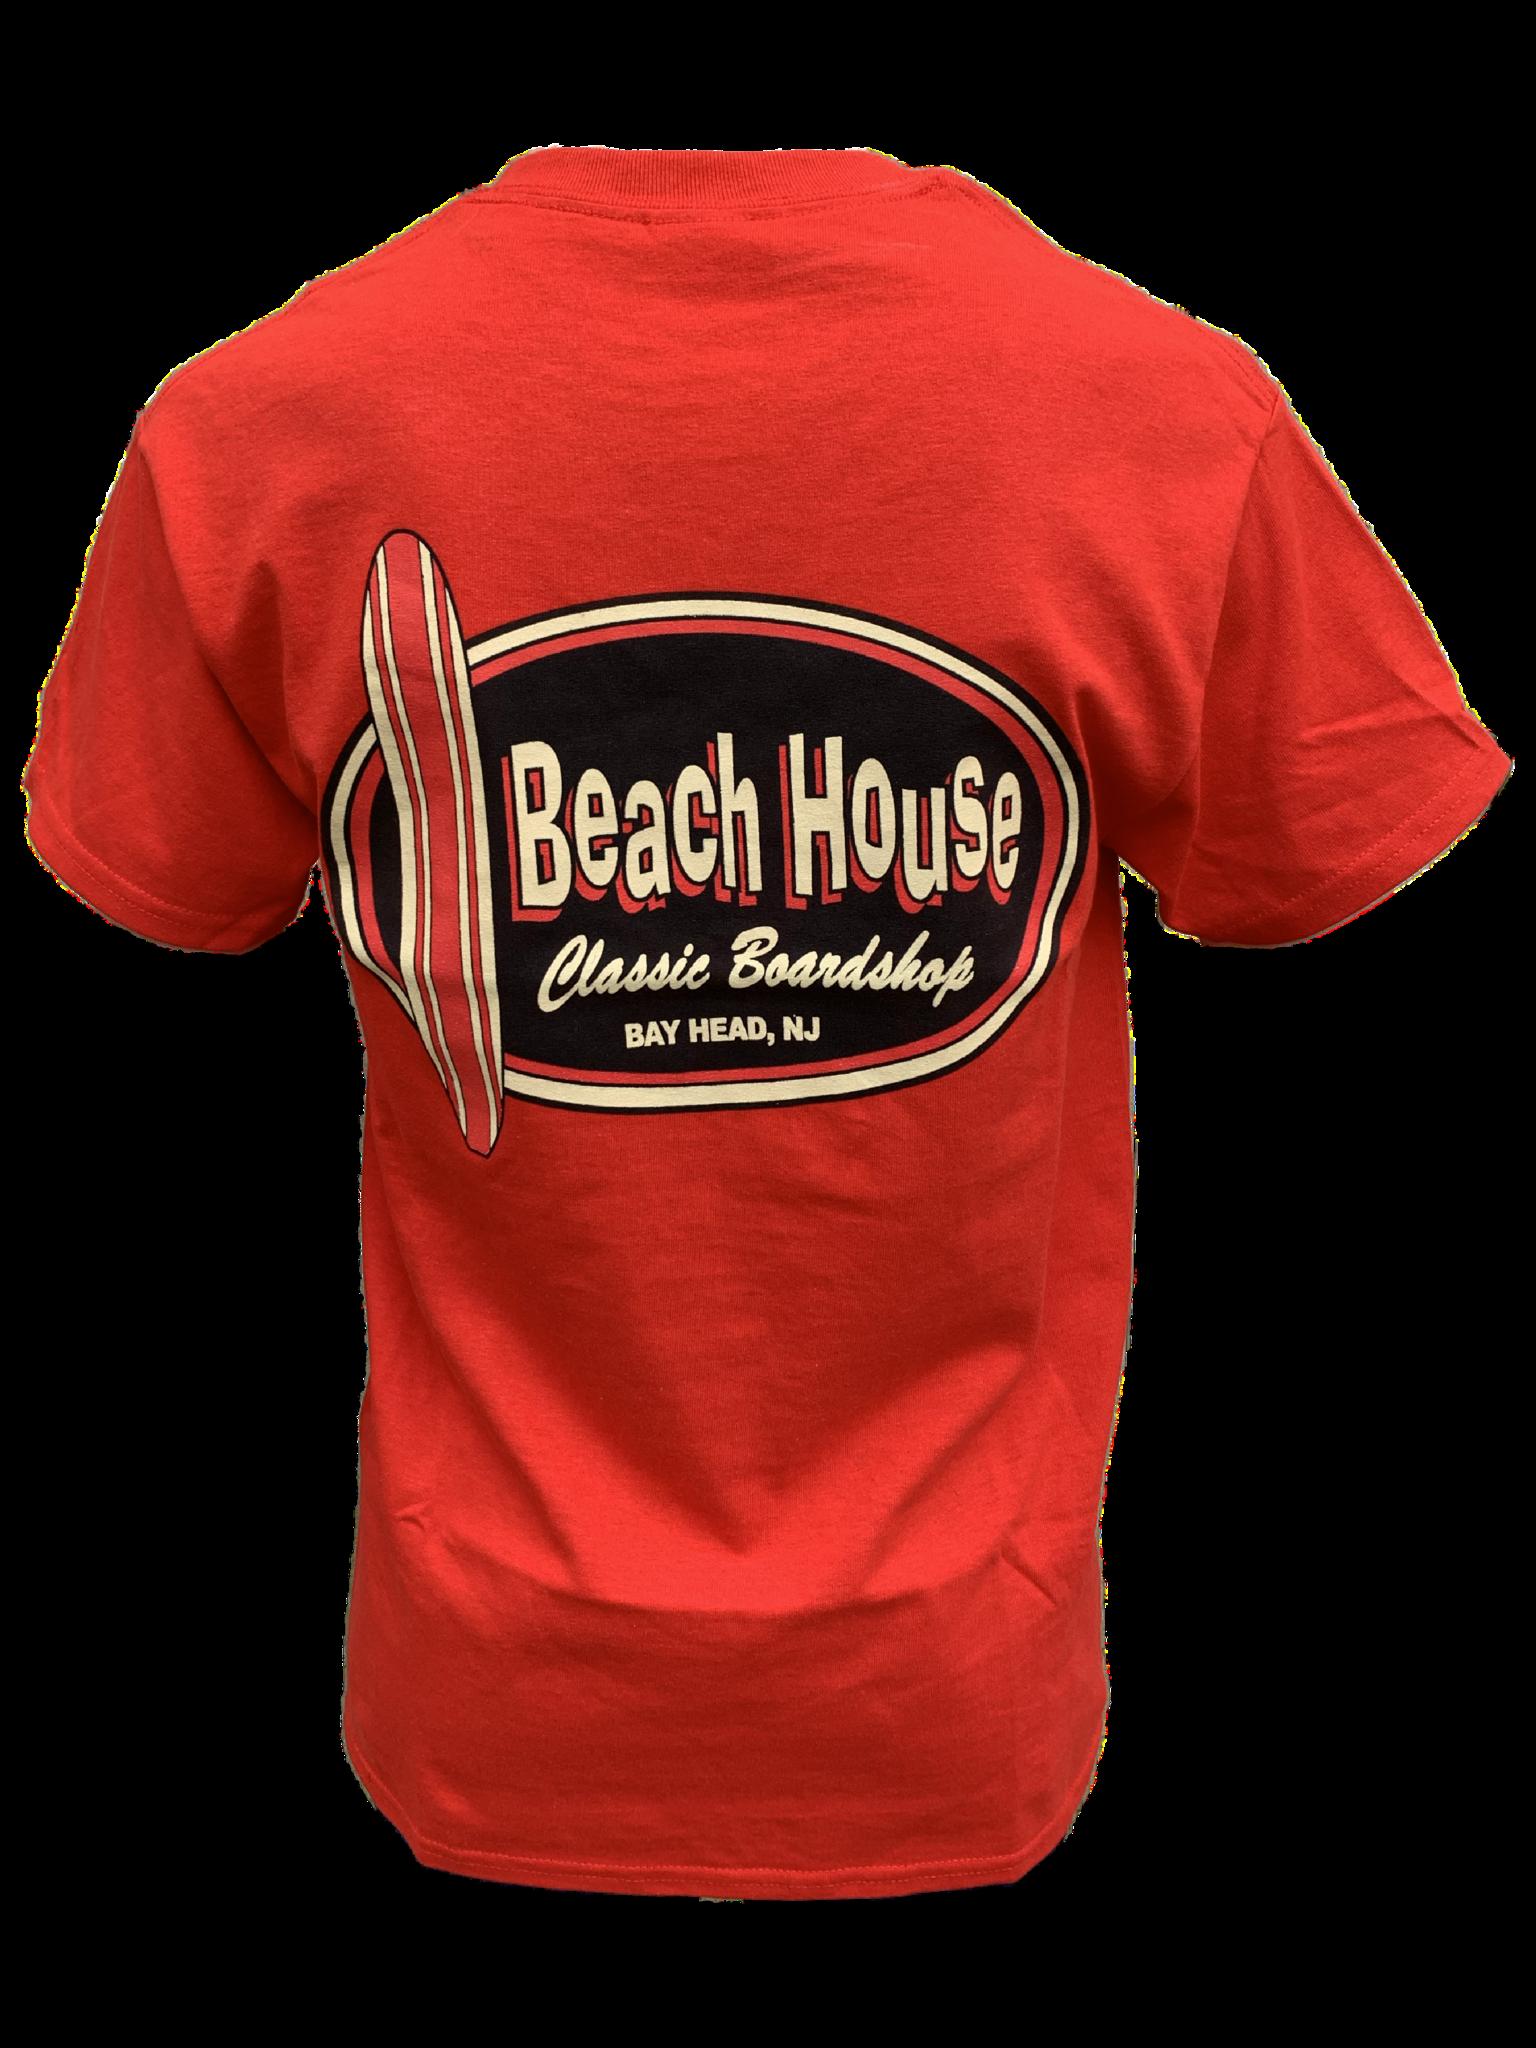 Beach House Beach House Adult Short Sleeve Tee